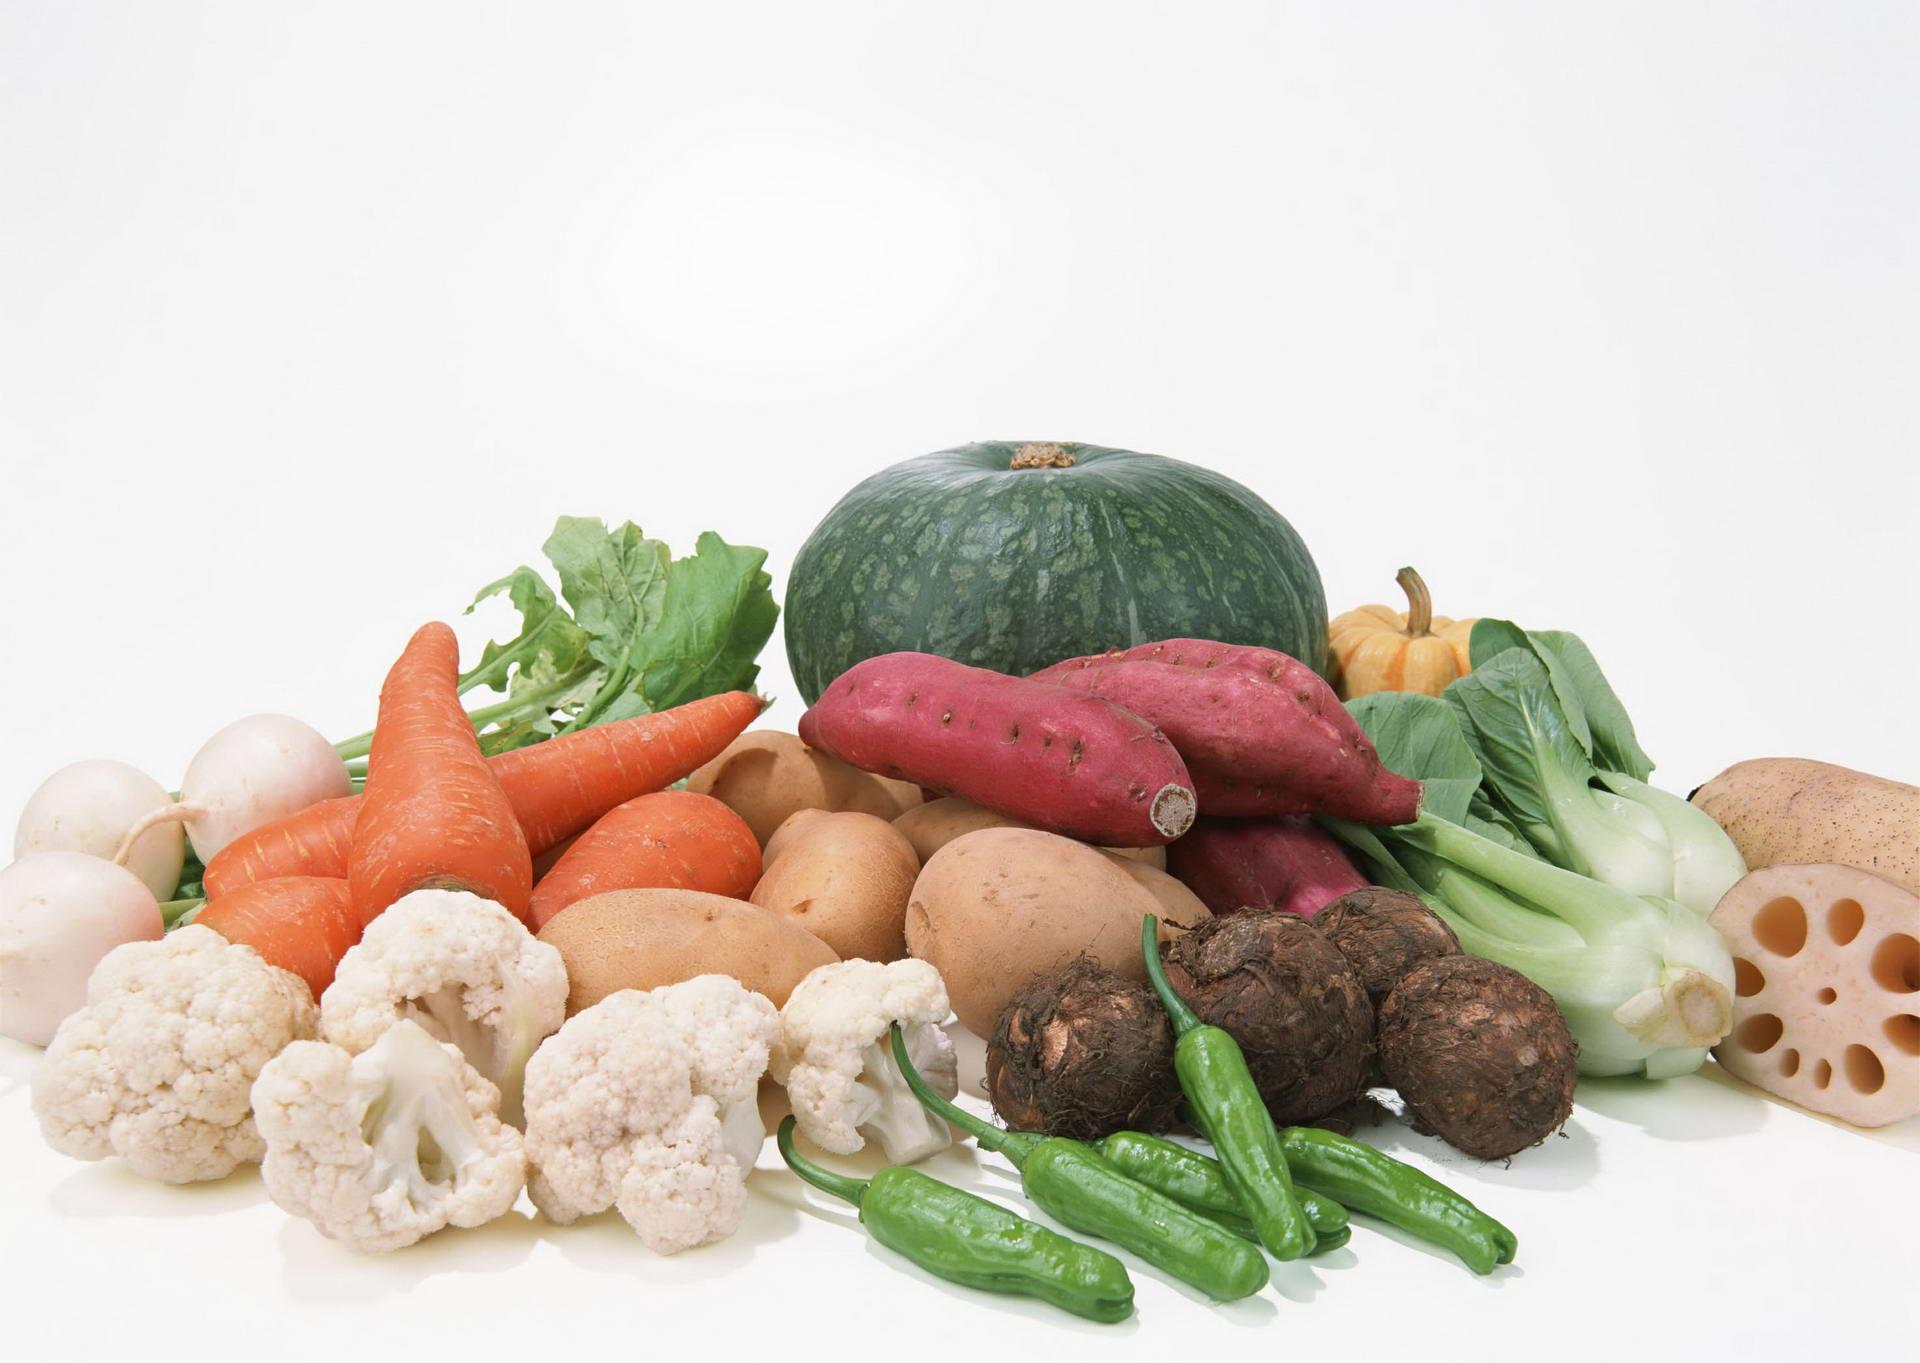 какие продукты питания понижают холестерин